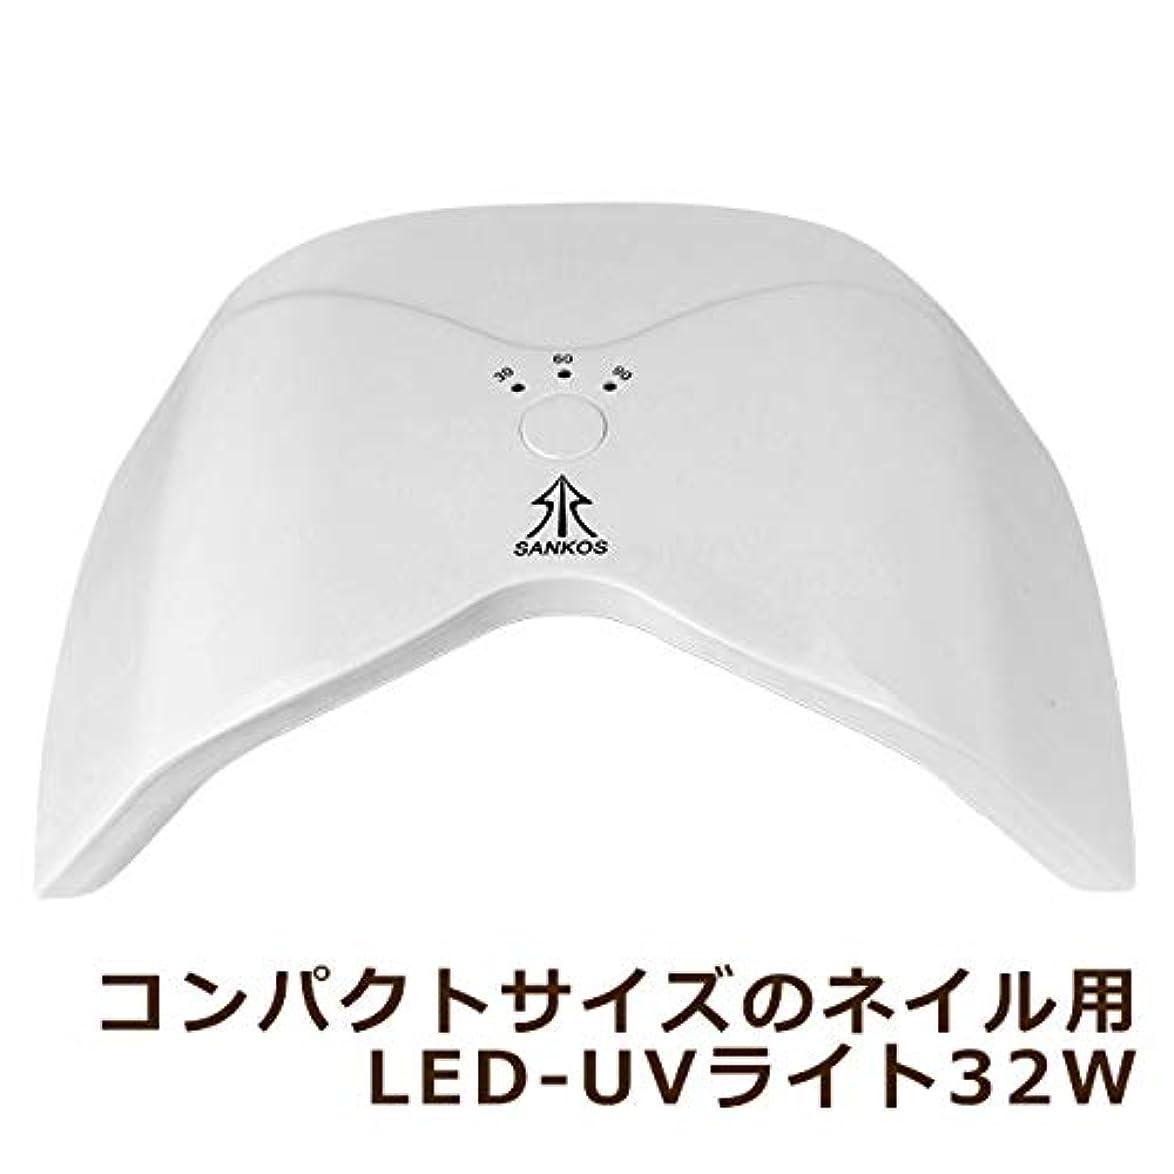 少年封筒圧倒する【新入荷】コンパクトサイズ ネイル用 LED-UVライト 32W (LED&UV両方対応)30秒?60秒?90秒タイマー付 (ホワイト)